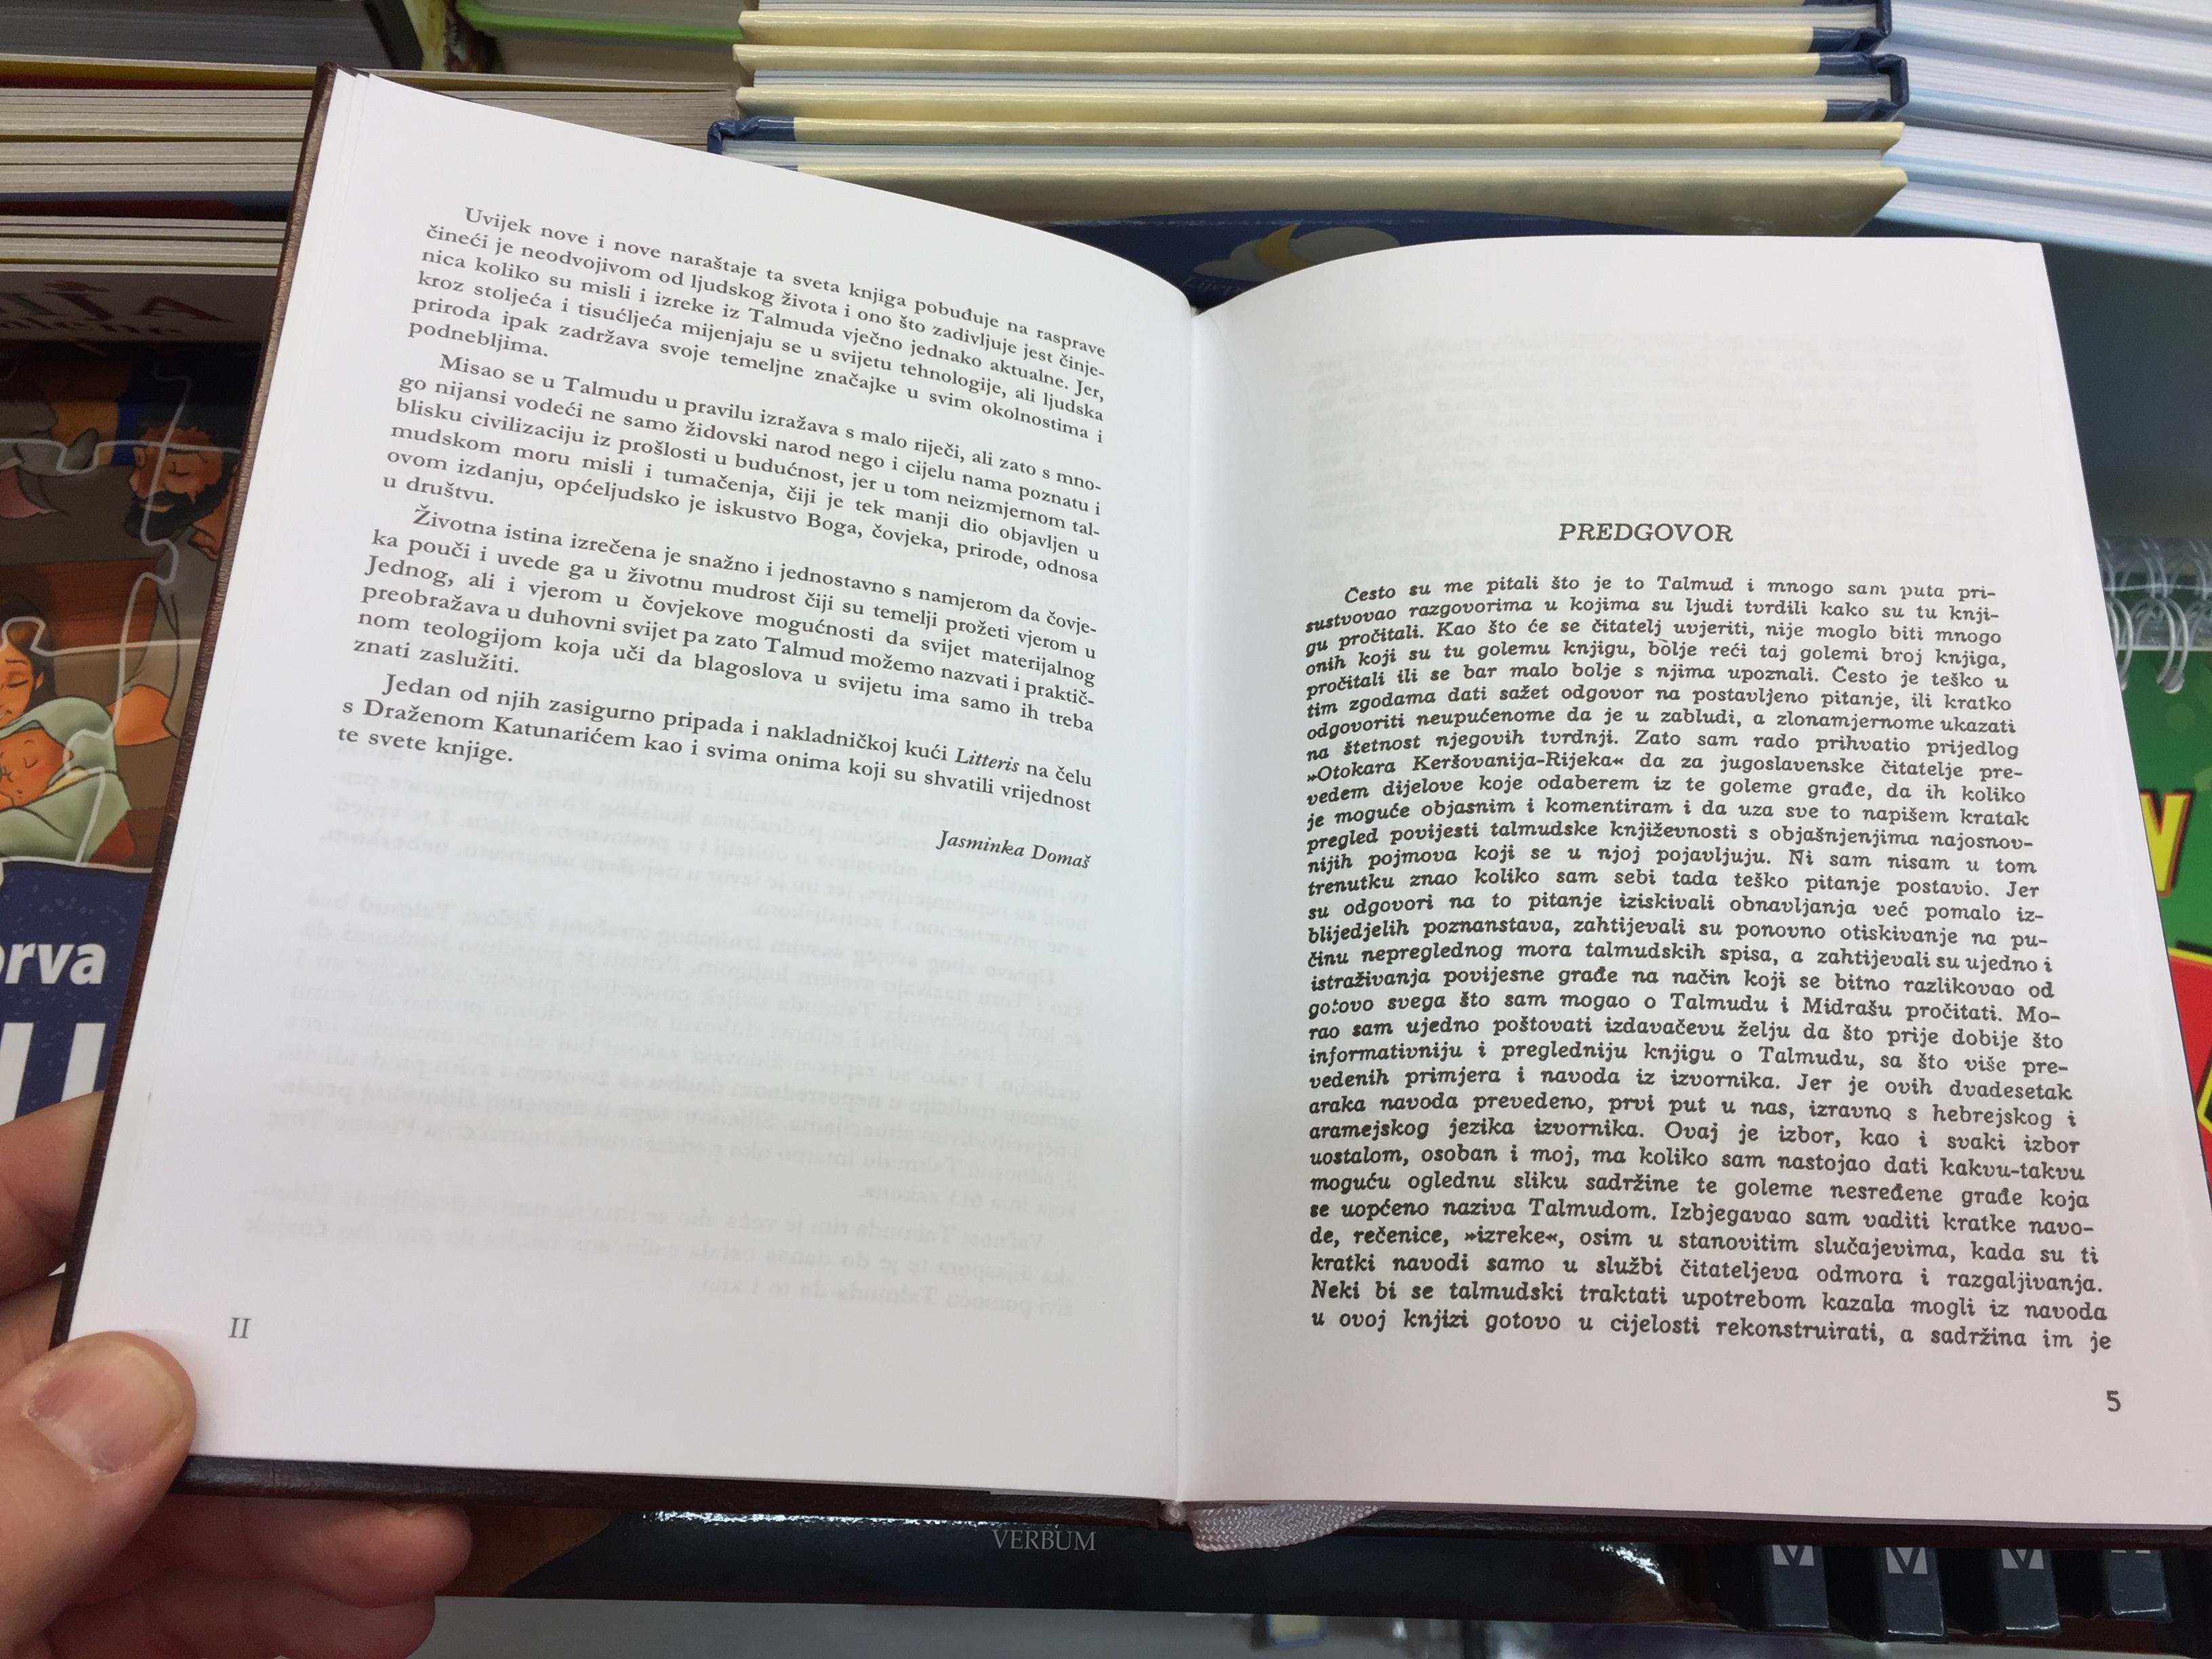 talmud-by-eugen-werber-izbor-i-prijevod-tekstova-s-hebrejskoga-i-aramejskoga-7.jpg